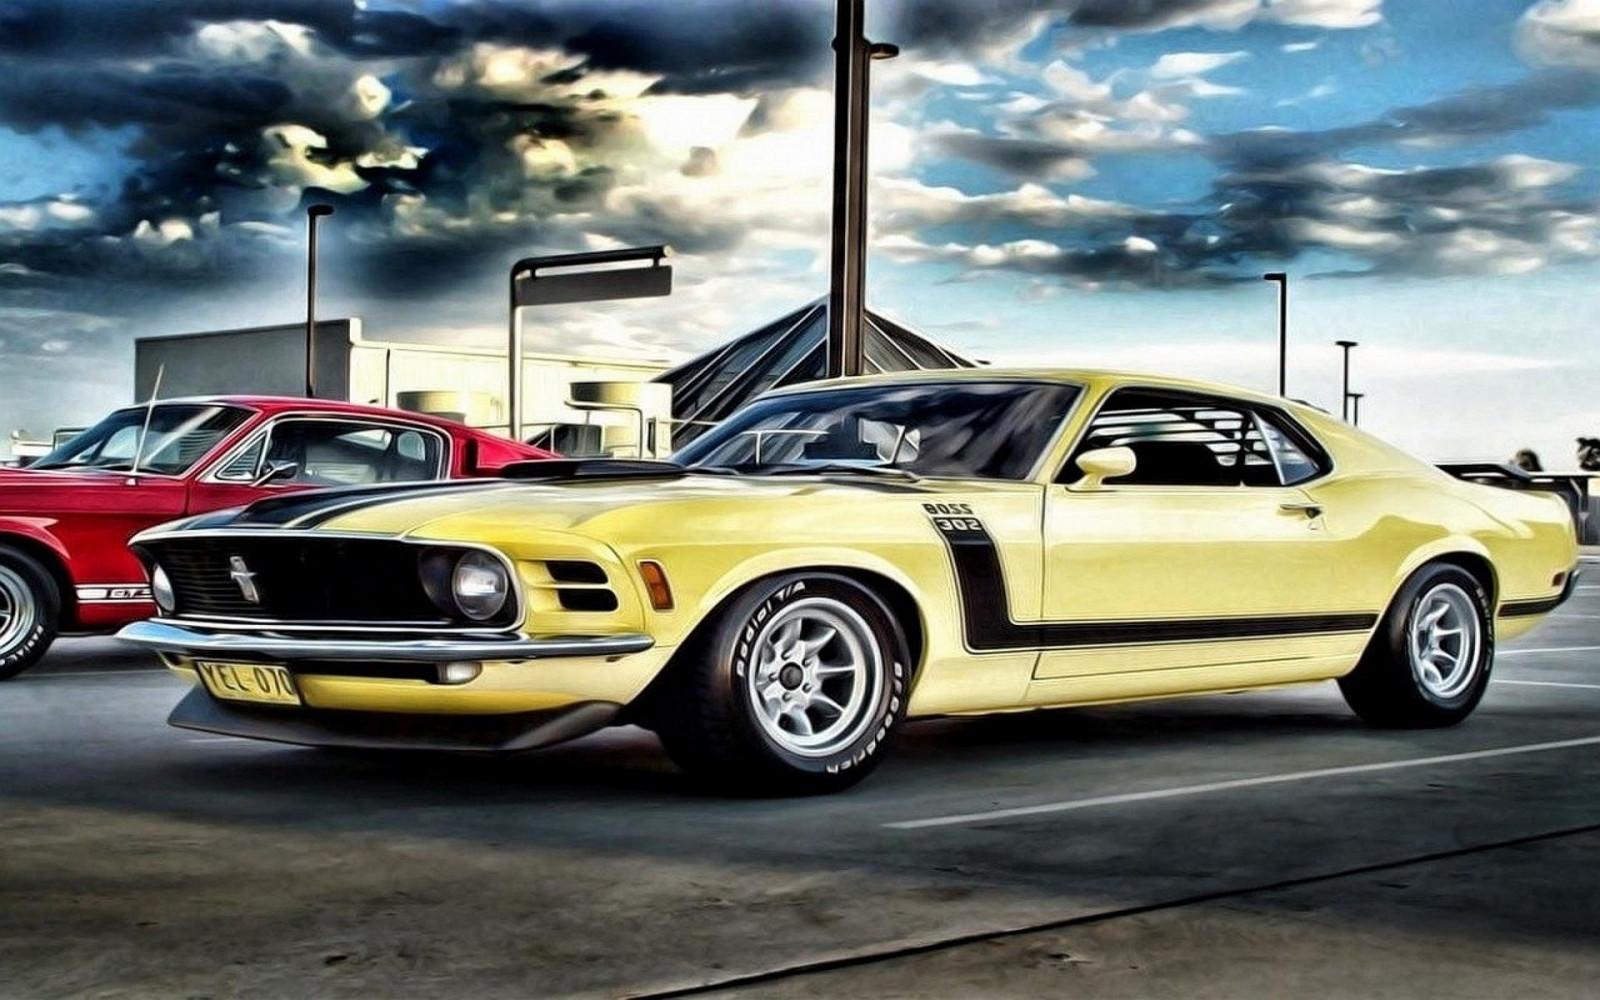 Fond d'écran : dessin, véhicule, des nuages, Ford Mustang ...